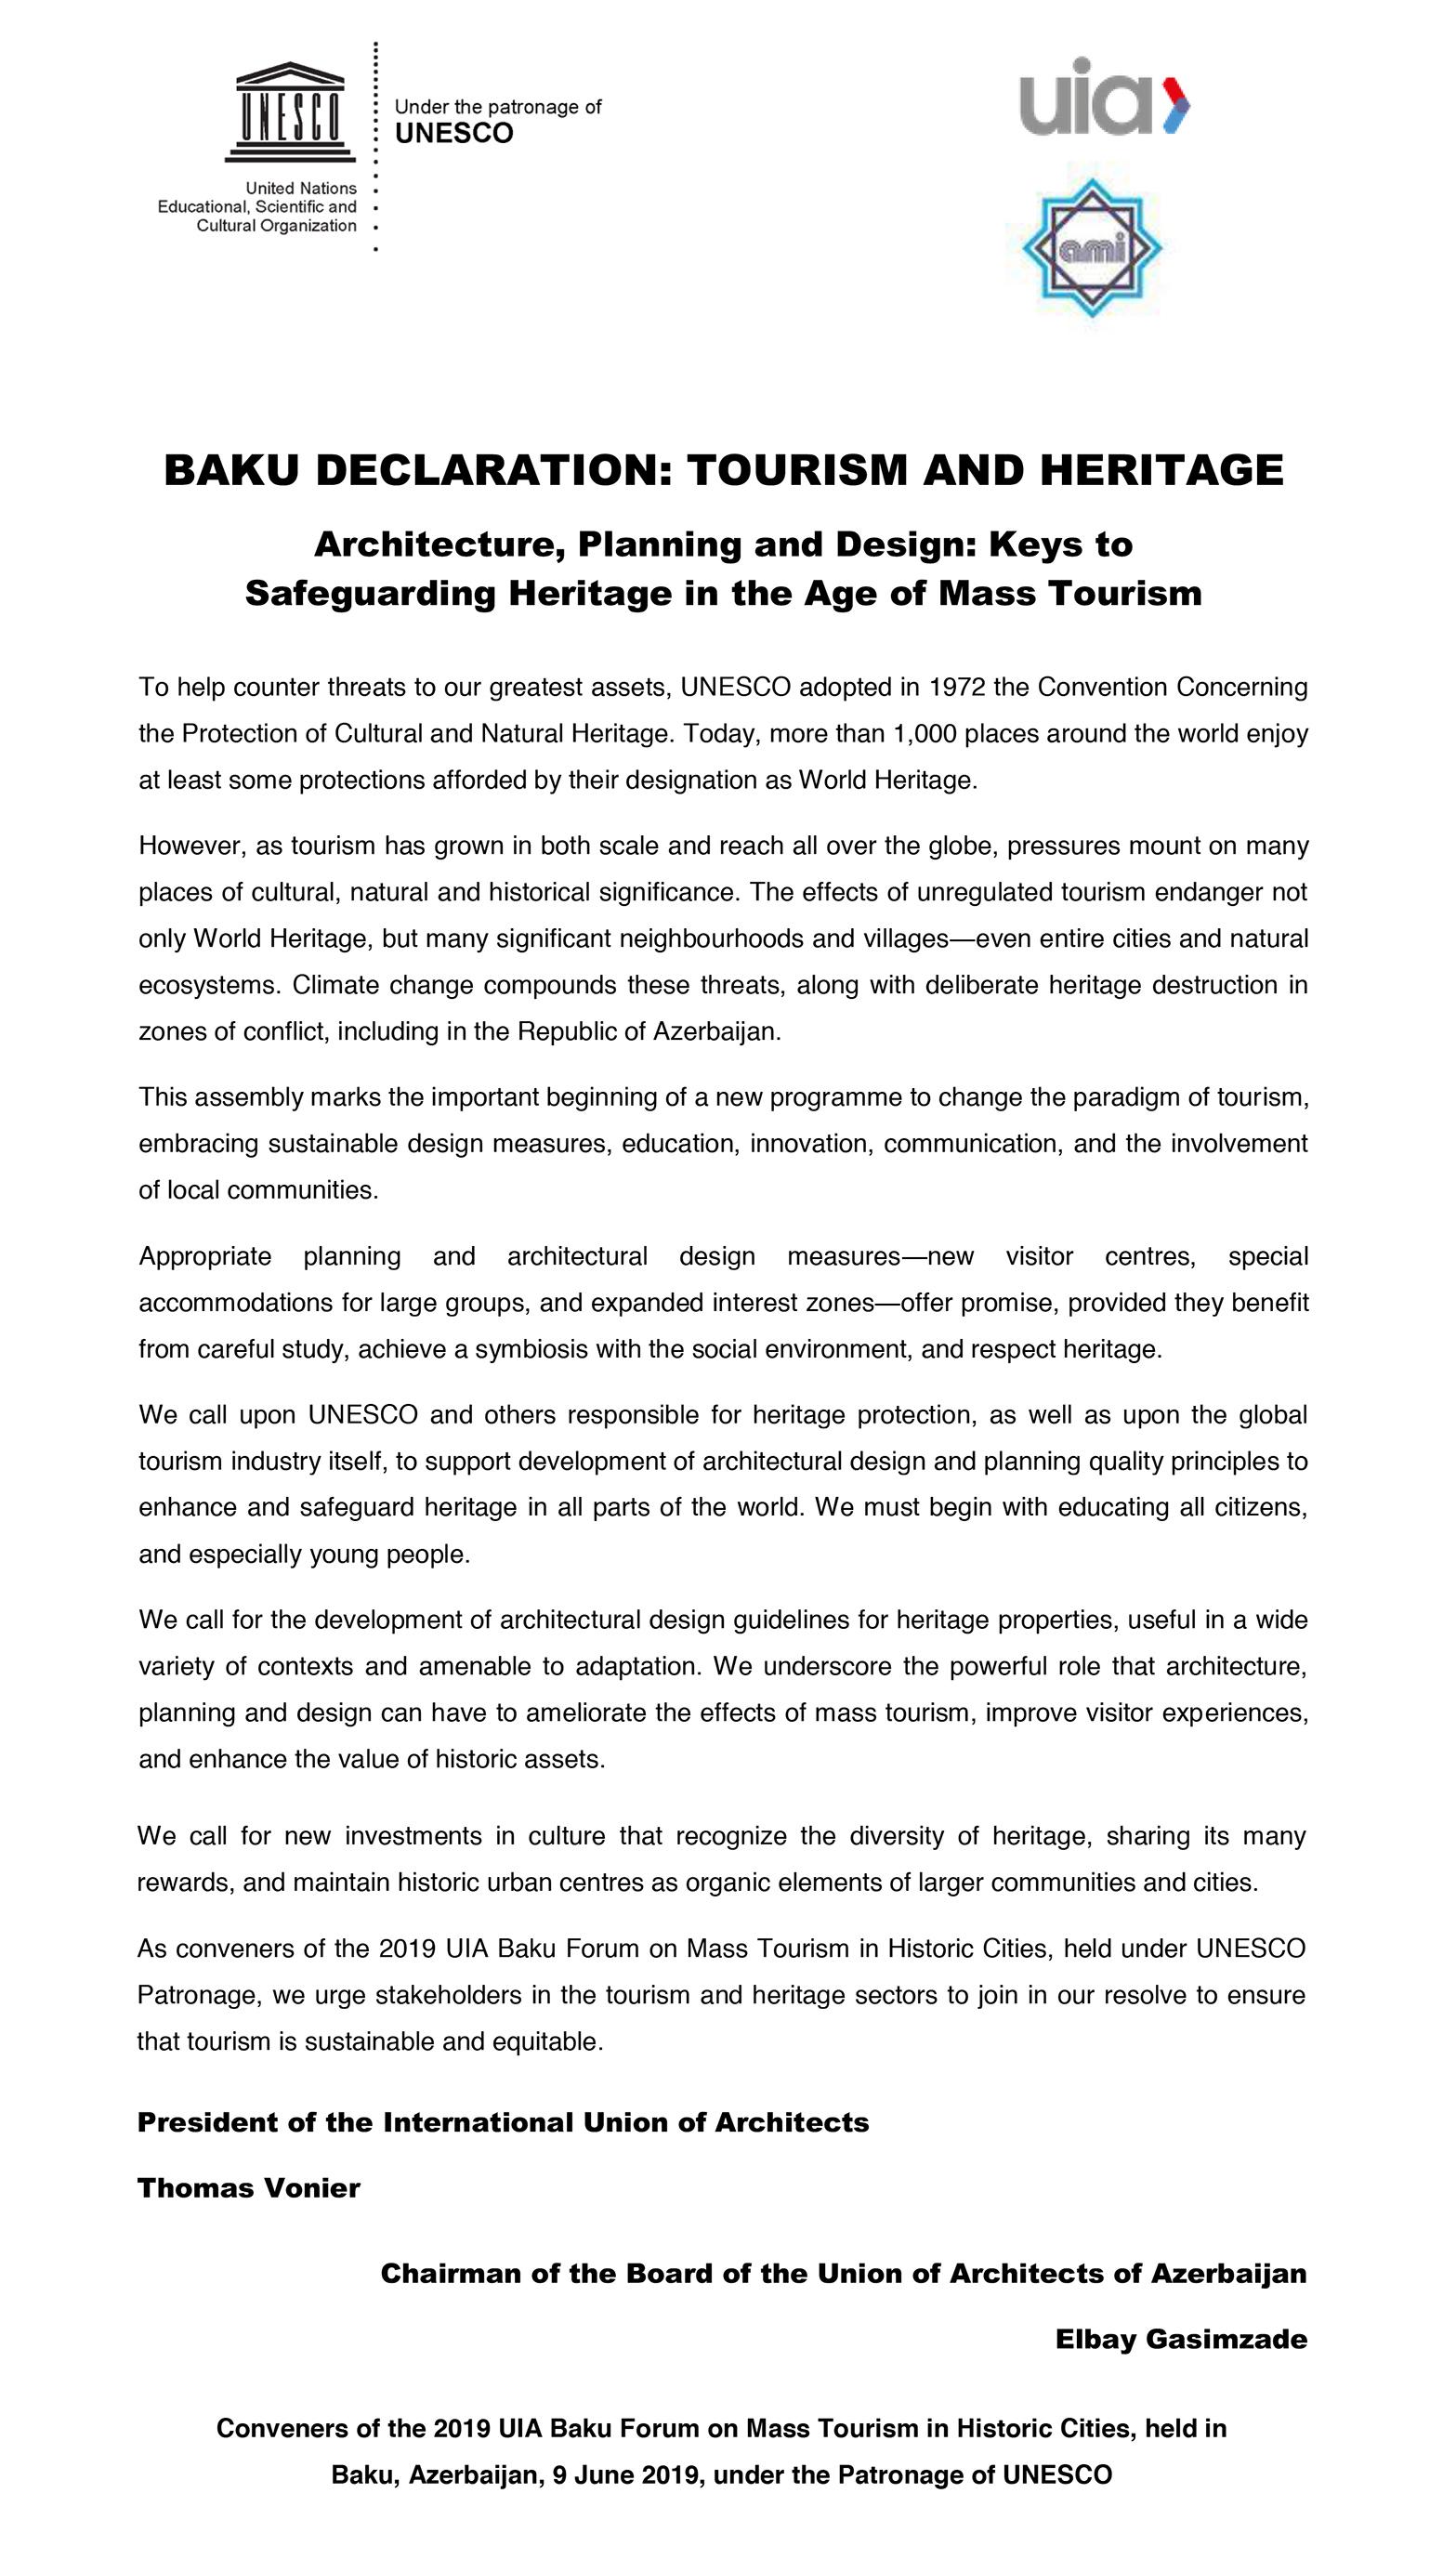 Carta Baku Turismo